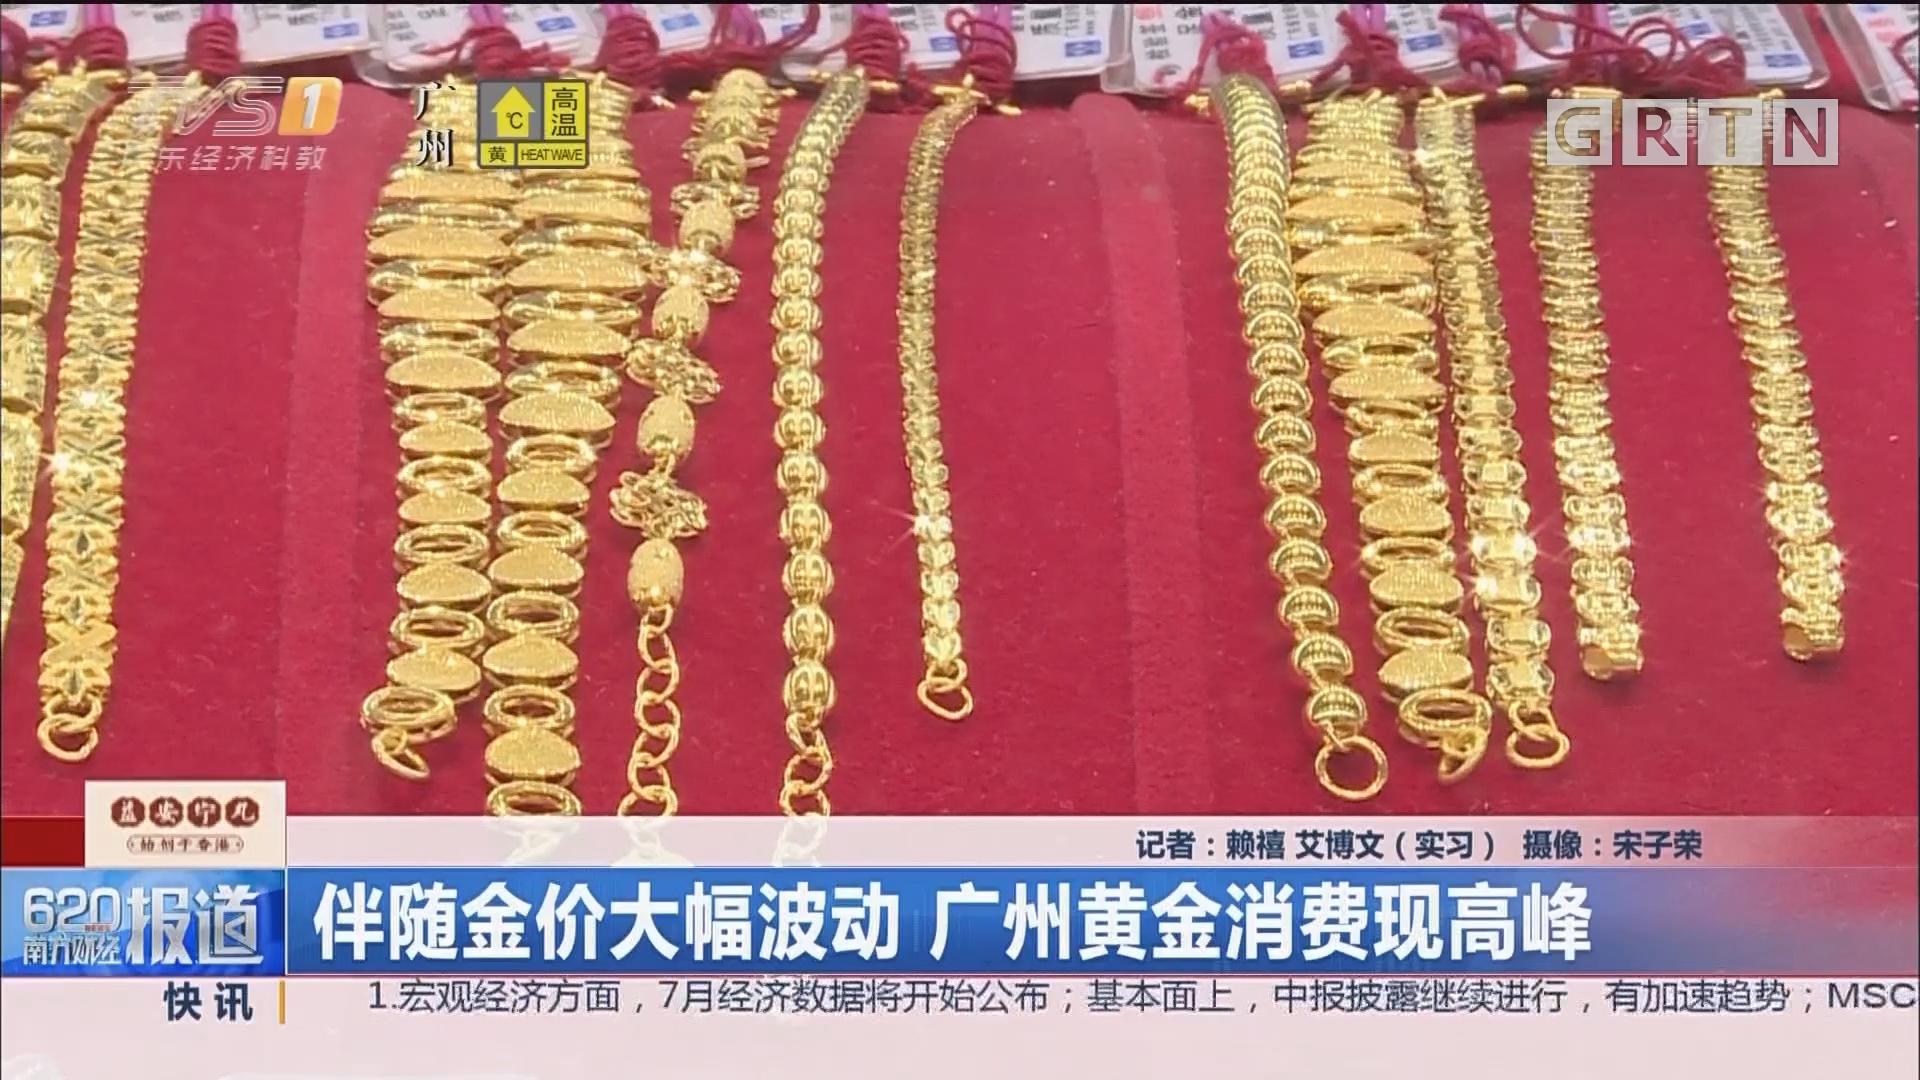 伴随金价大幅波动 广州黄金消费现高峰